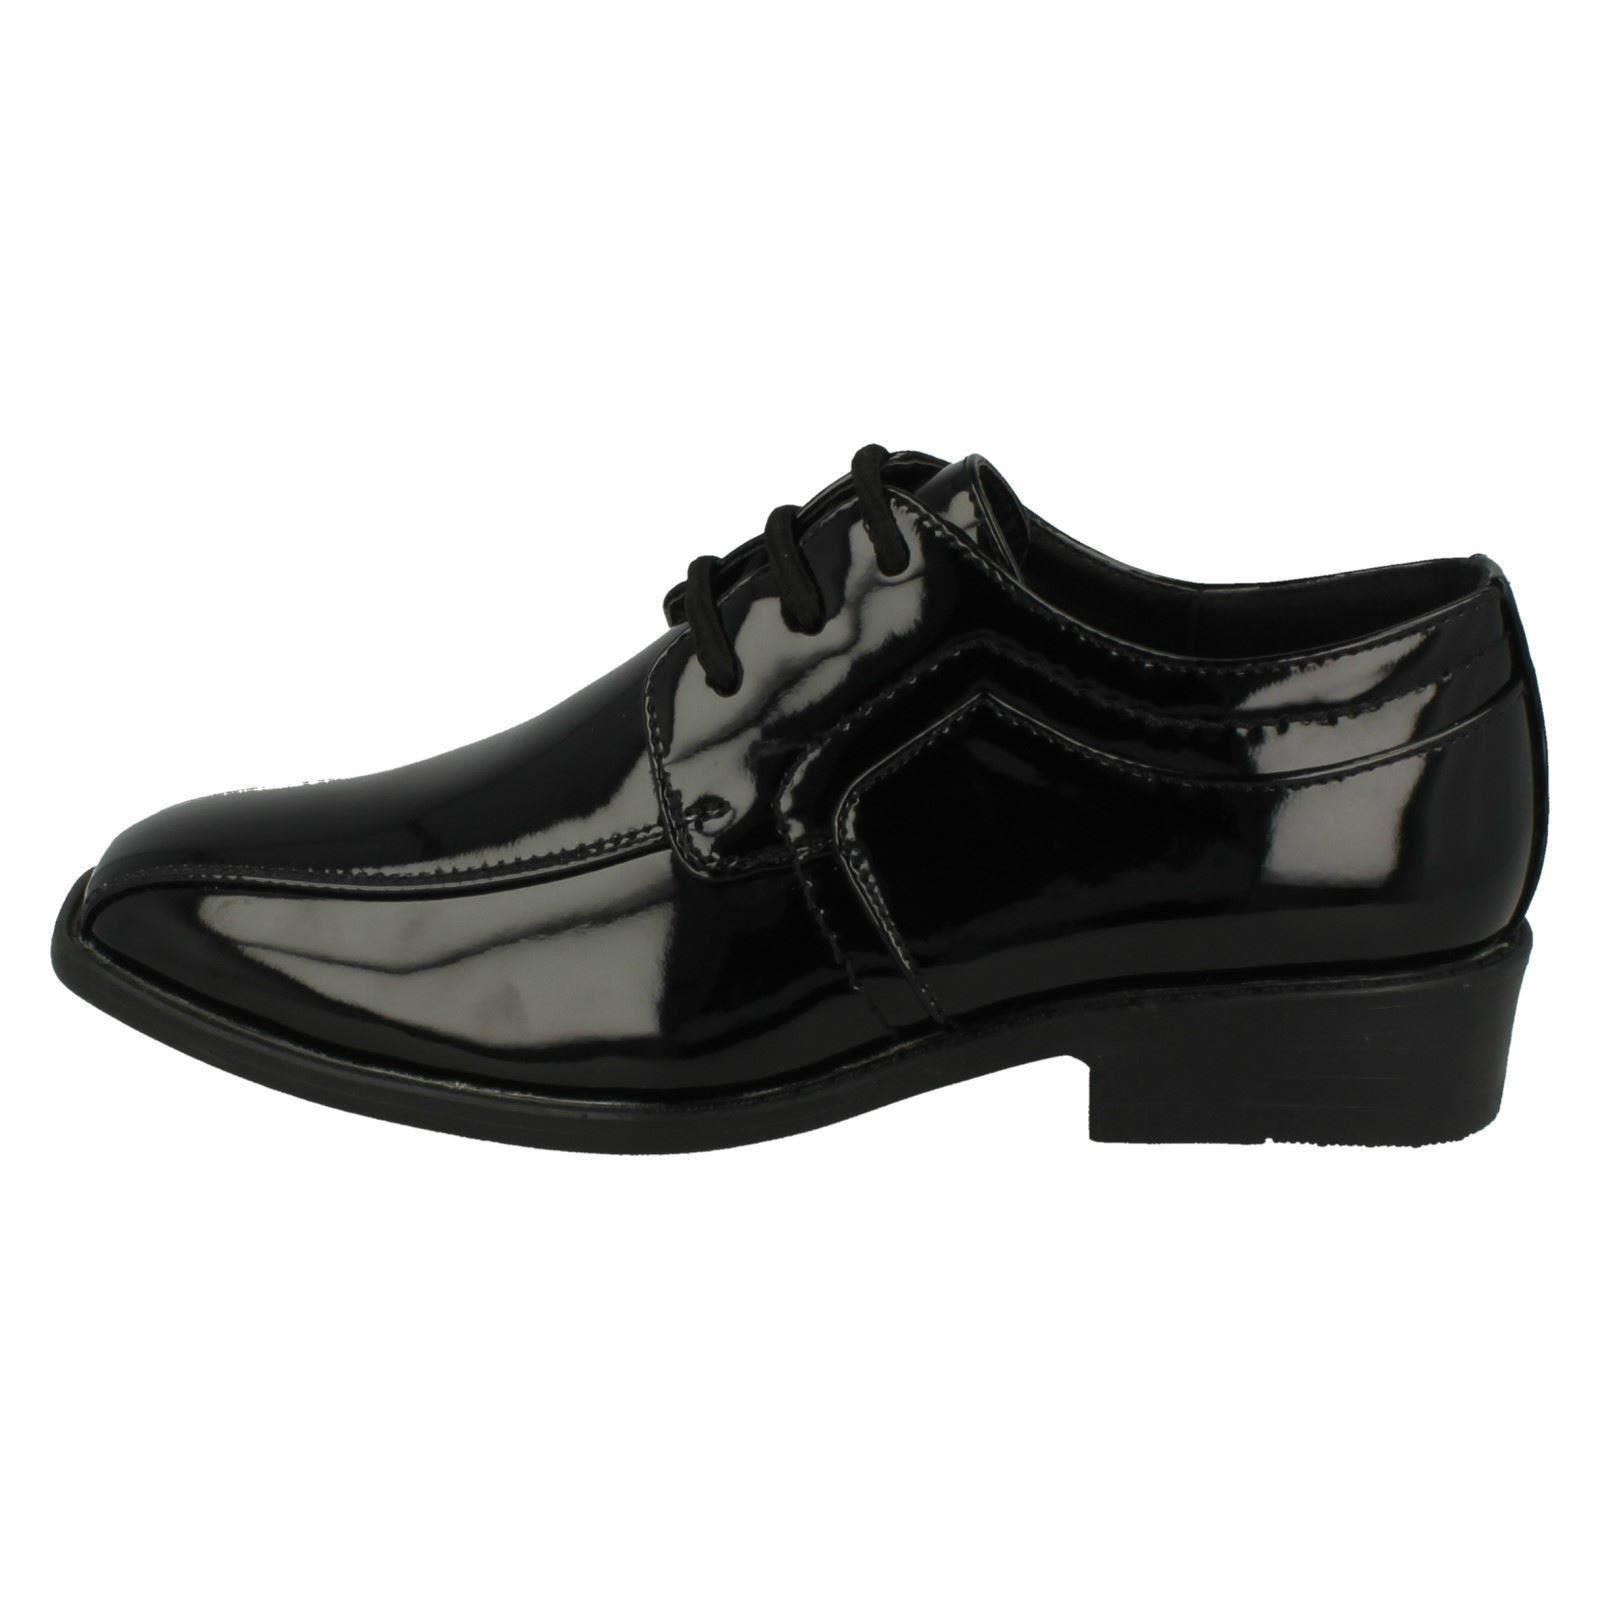 Muchachos Jcdees Inteligente/Formal Zapatos Con Cordones De N1109 el estilo ~ K